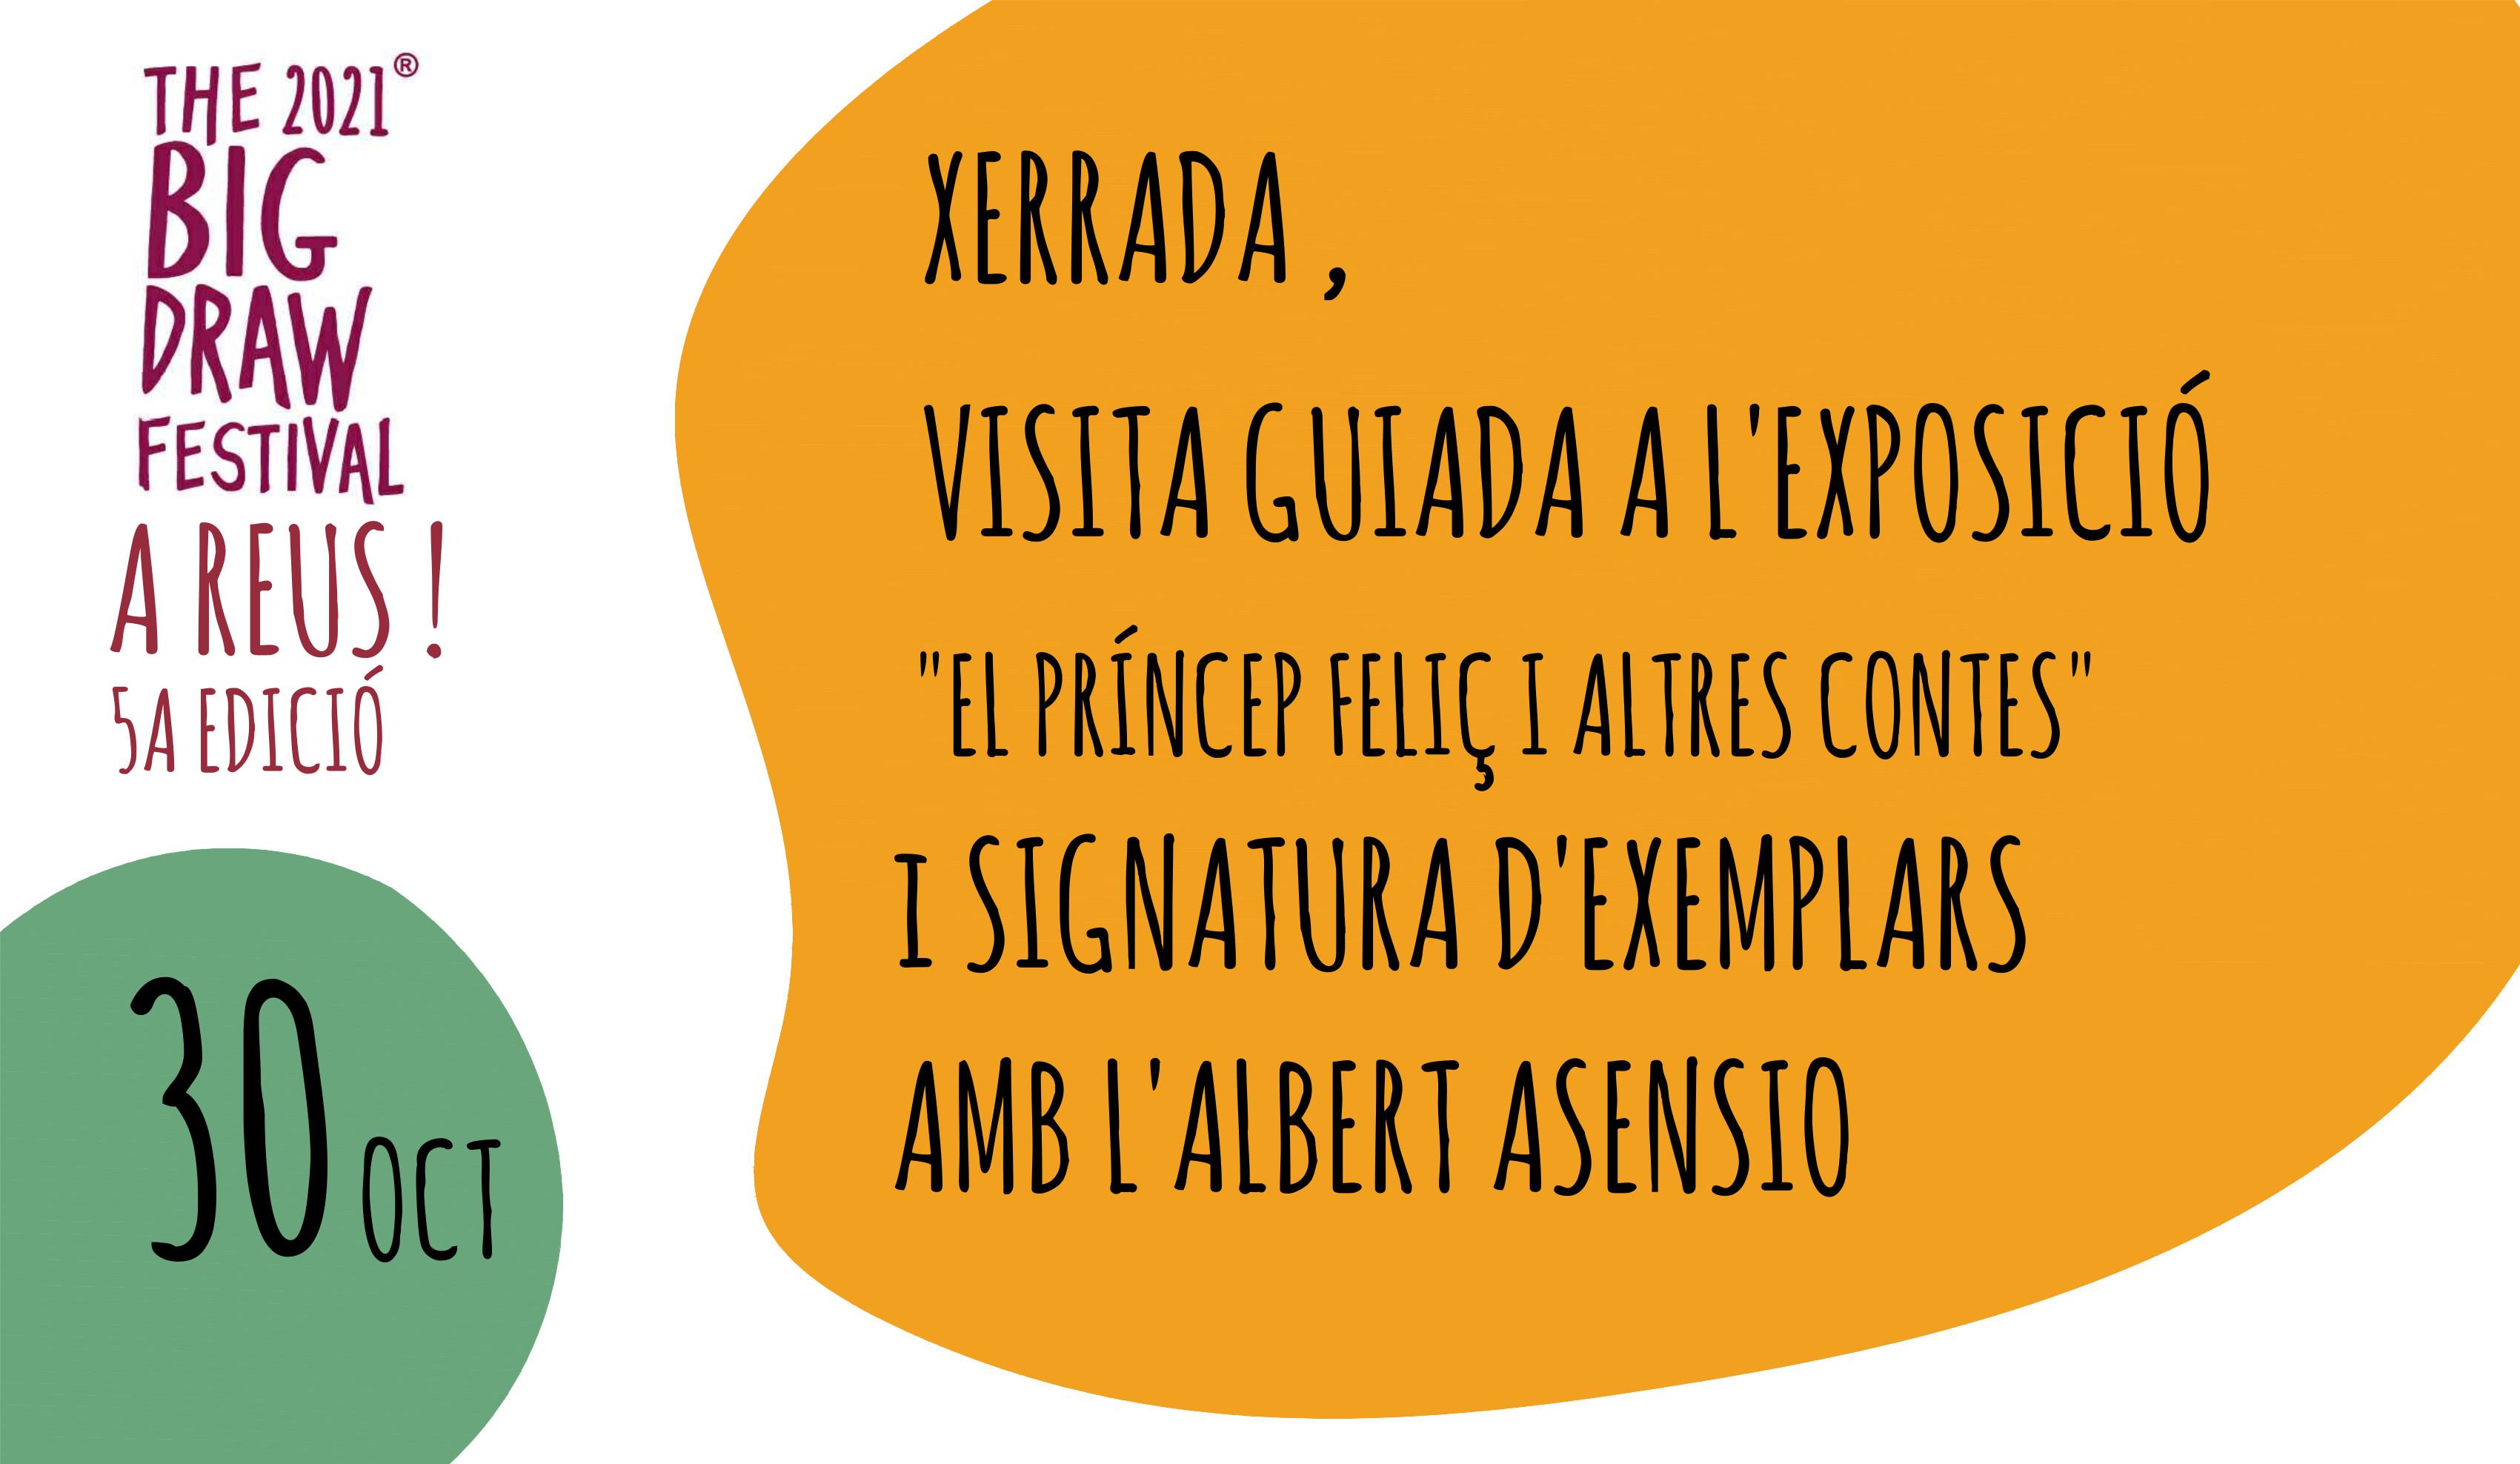 BIG DRAW: Asensio